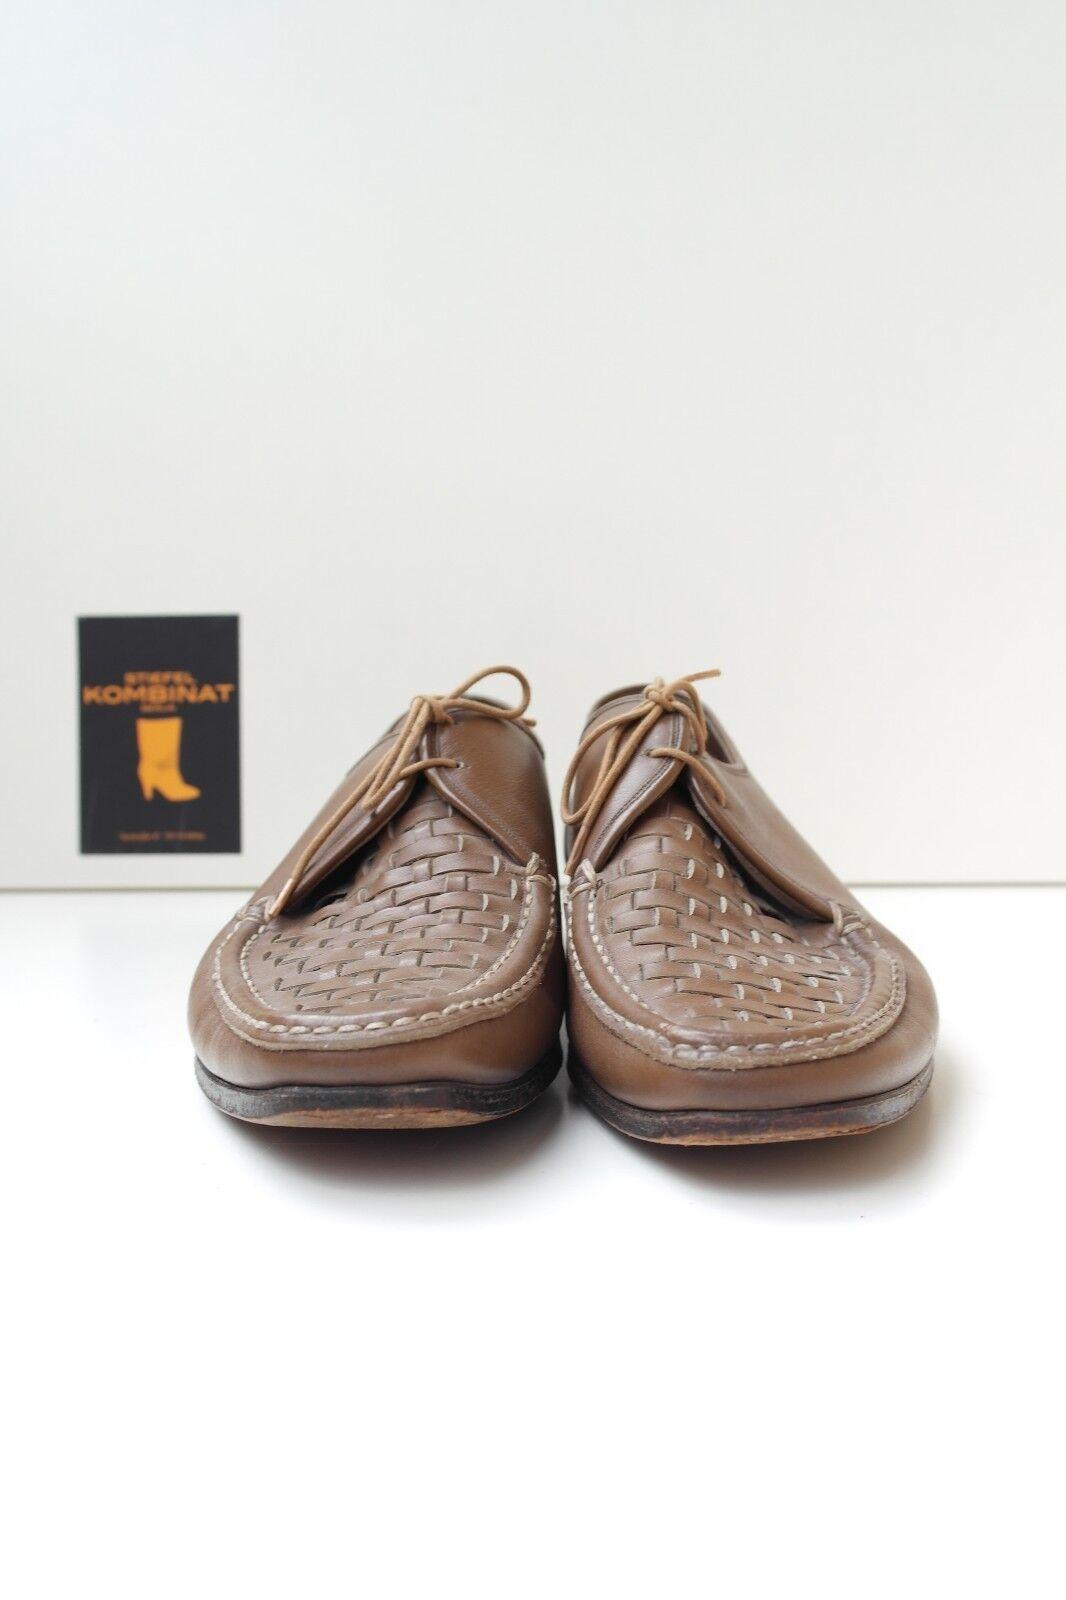 70er Salamander Herren Schuhe Halbschuhe VINTAGE Mokassin 42 Schnürschuhe TRUE VINTAGE Halbschuhe a88cee